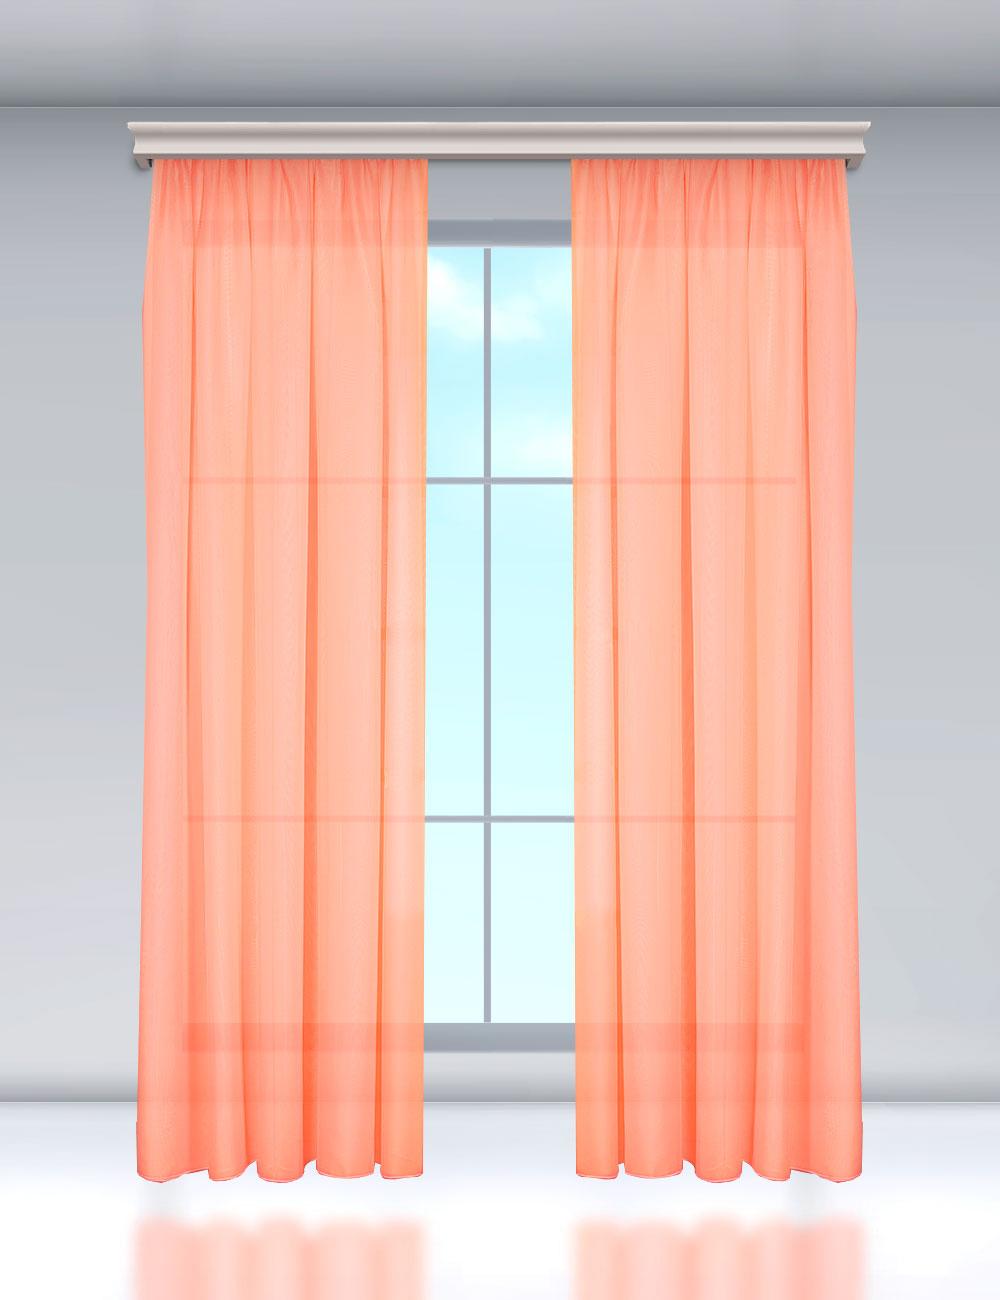 Großartig Clic»-Vorhang, H 240 cm, B 200 cm RV94